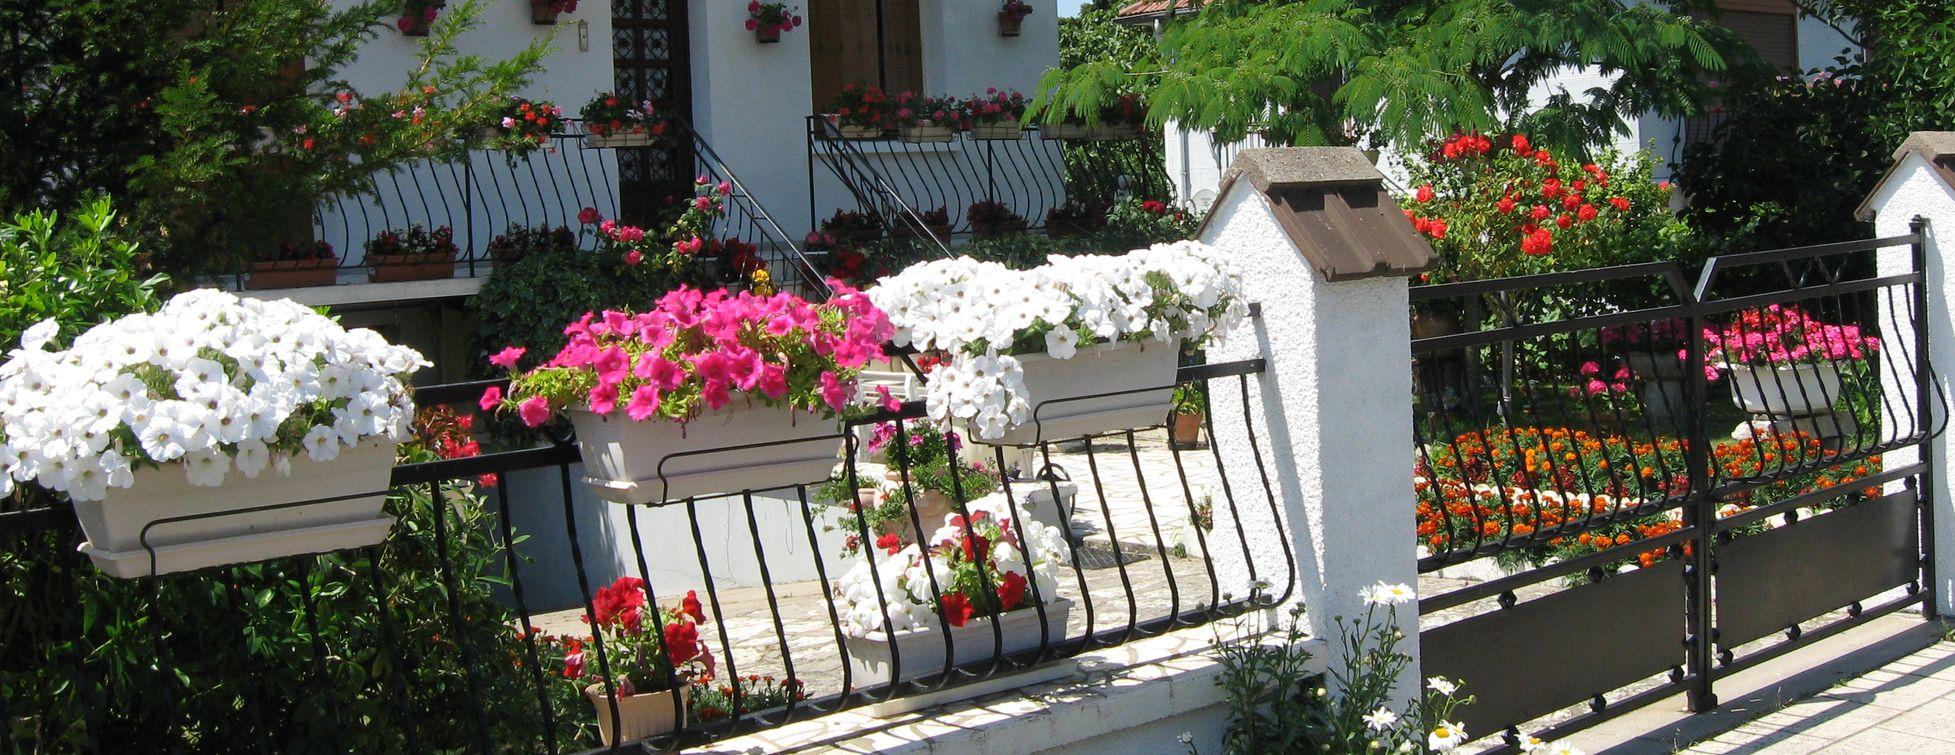 Concours des maisons et balcons fleuris